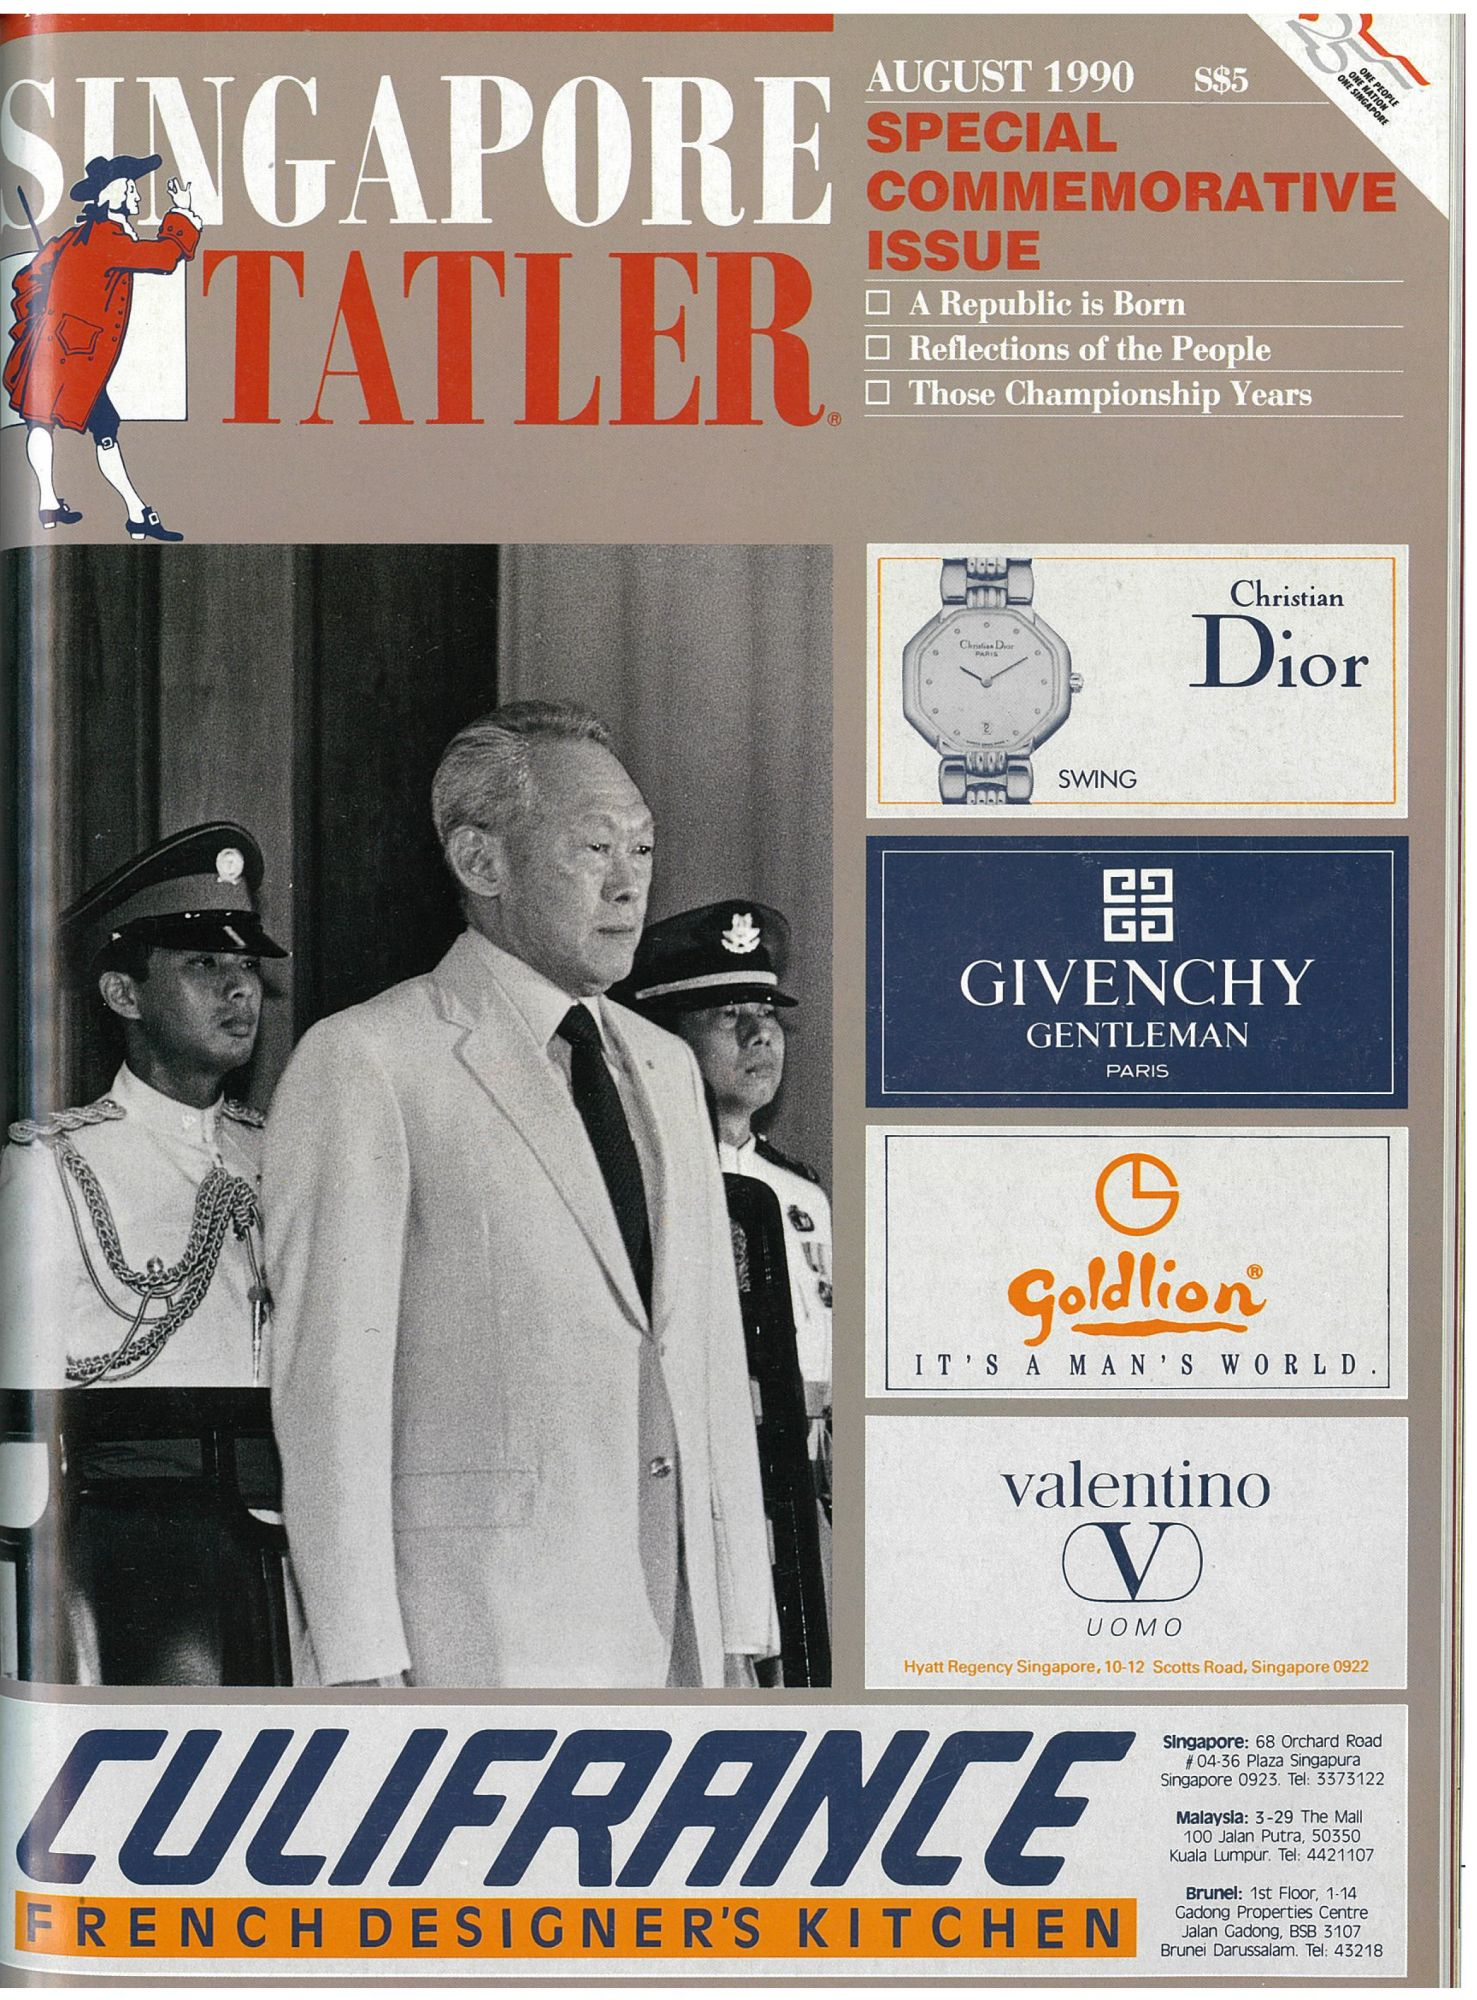 Lee Kuan Yew (Aug 1990)